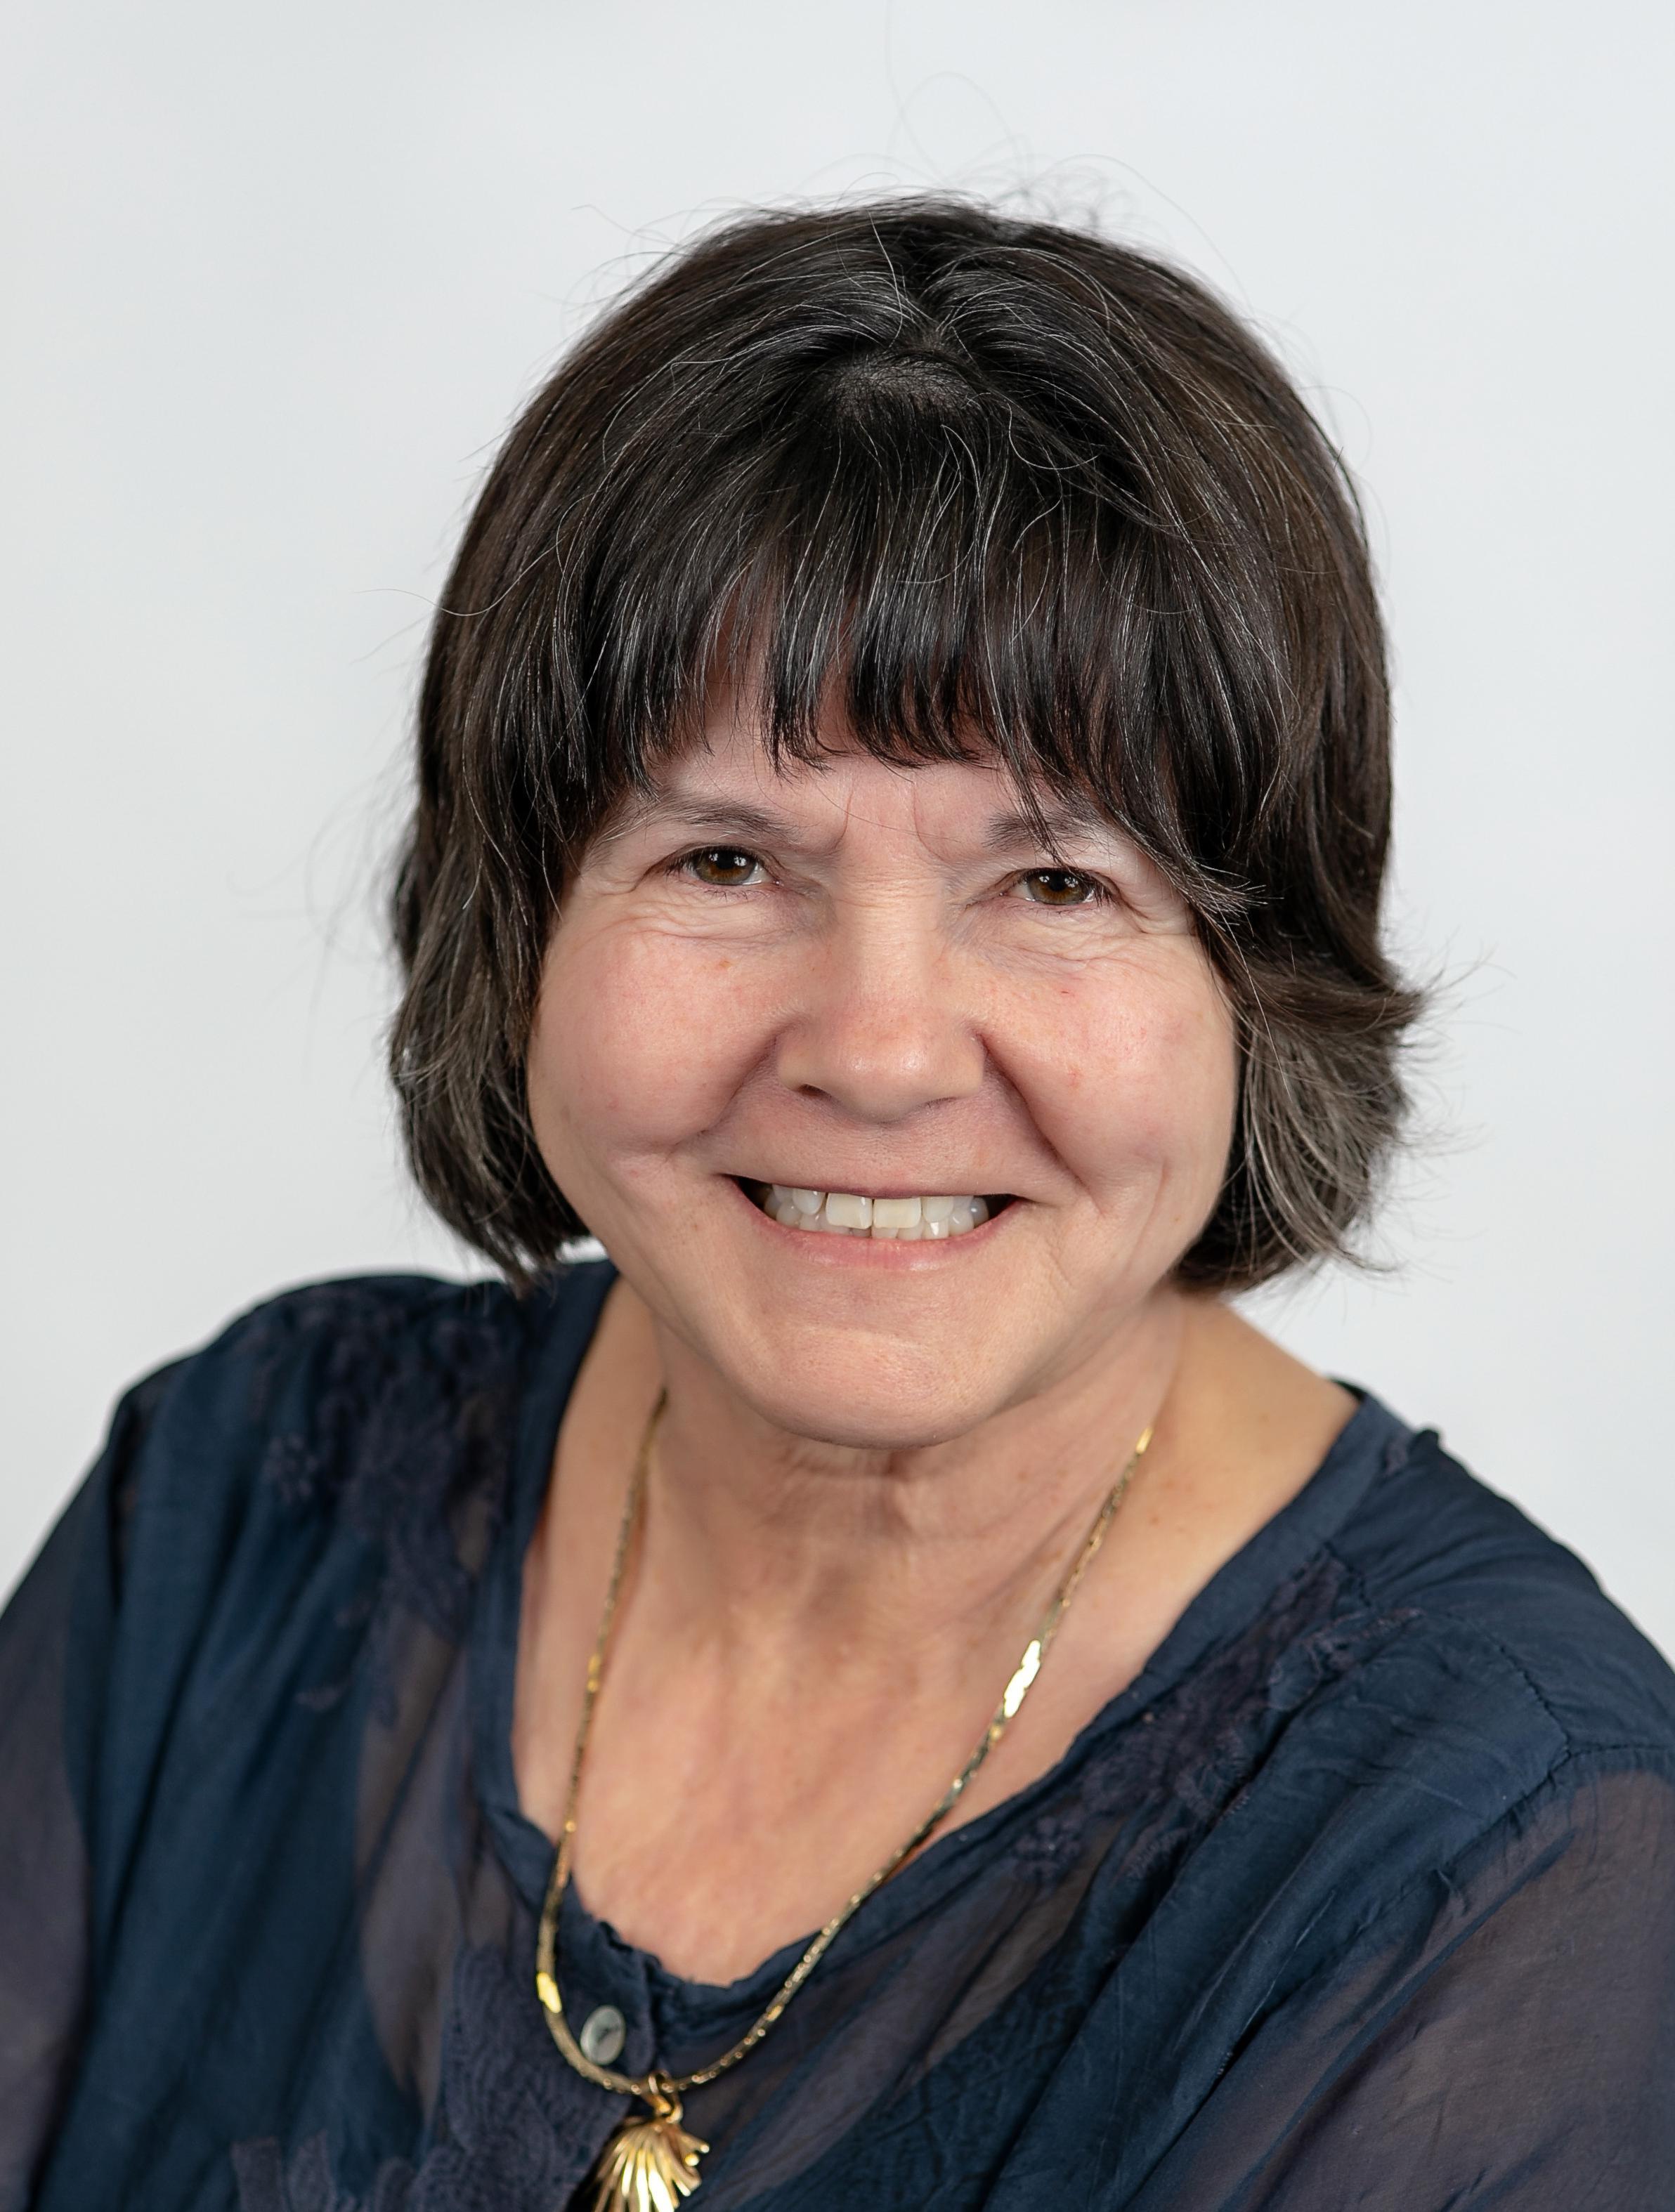 Valerie Cote